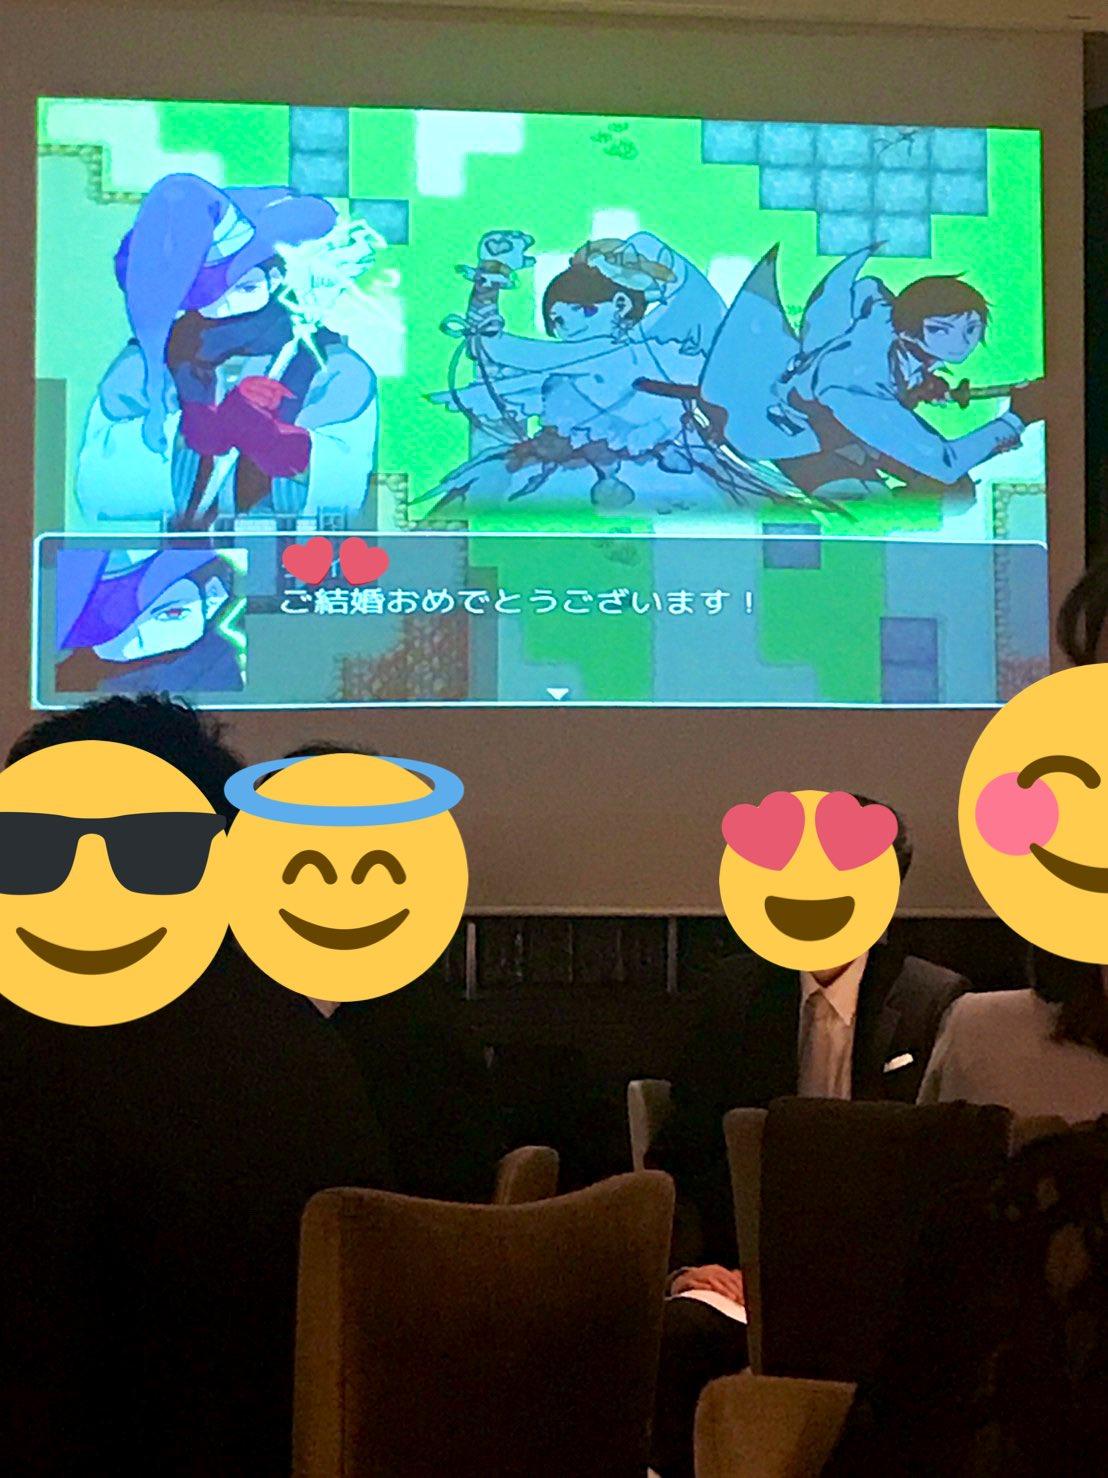 日本玩家的硬核婚礼 绘制亲友NPC自制纪念游戏!